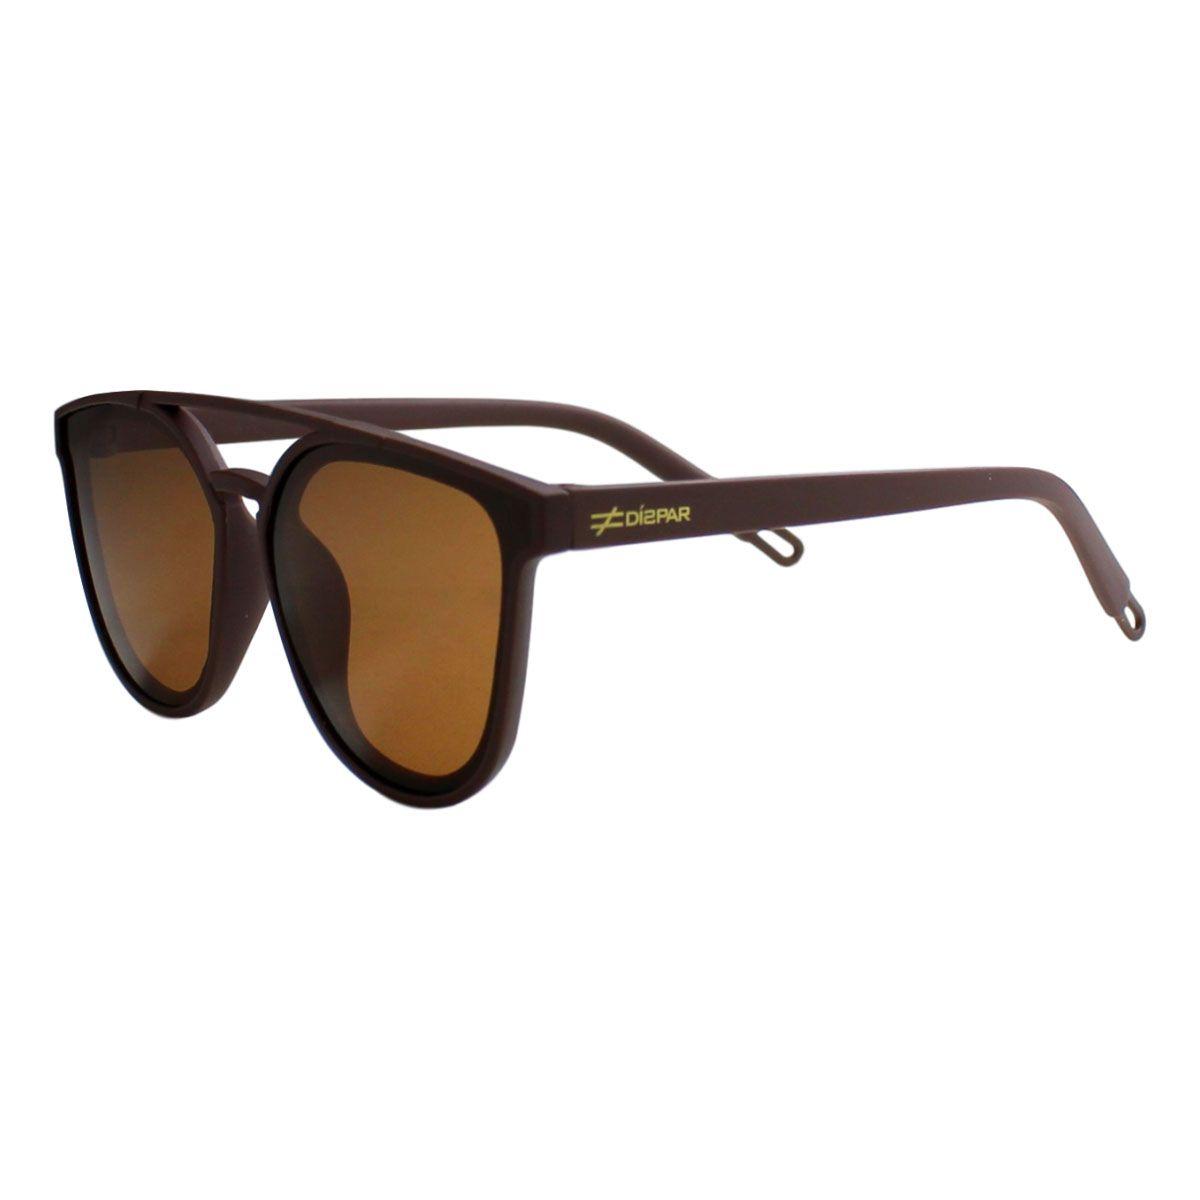 Óculos De Sol Díspar Infantil ID2041 Flexível Idade 6 a 9 anos - Marrom